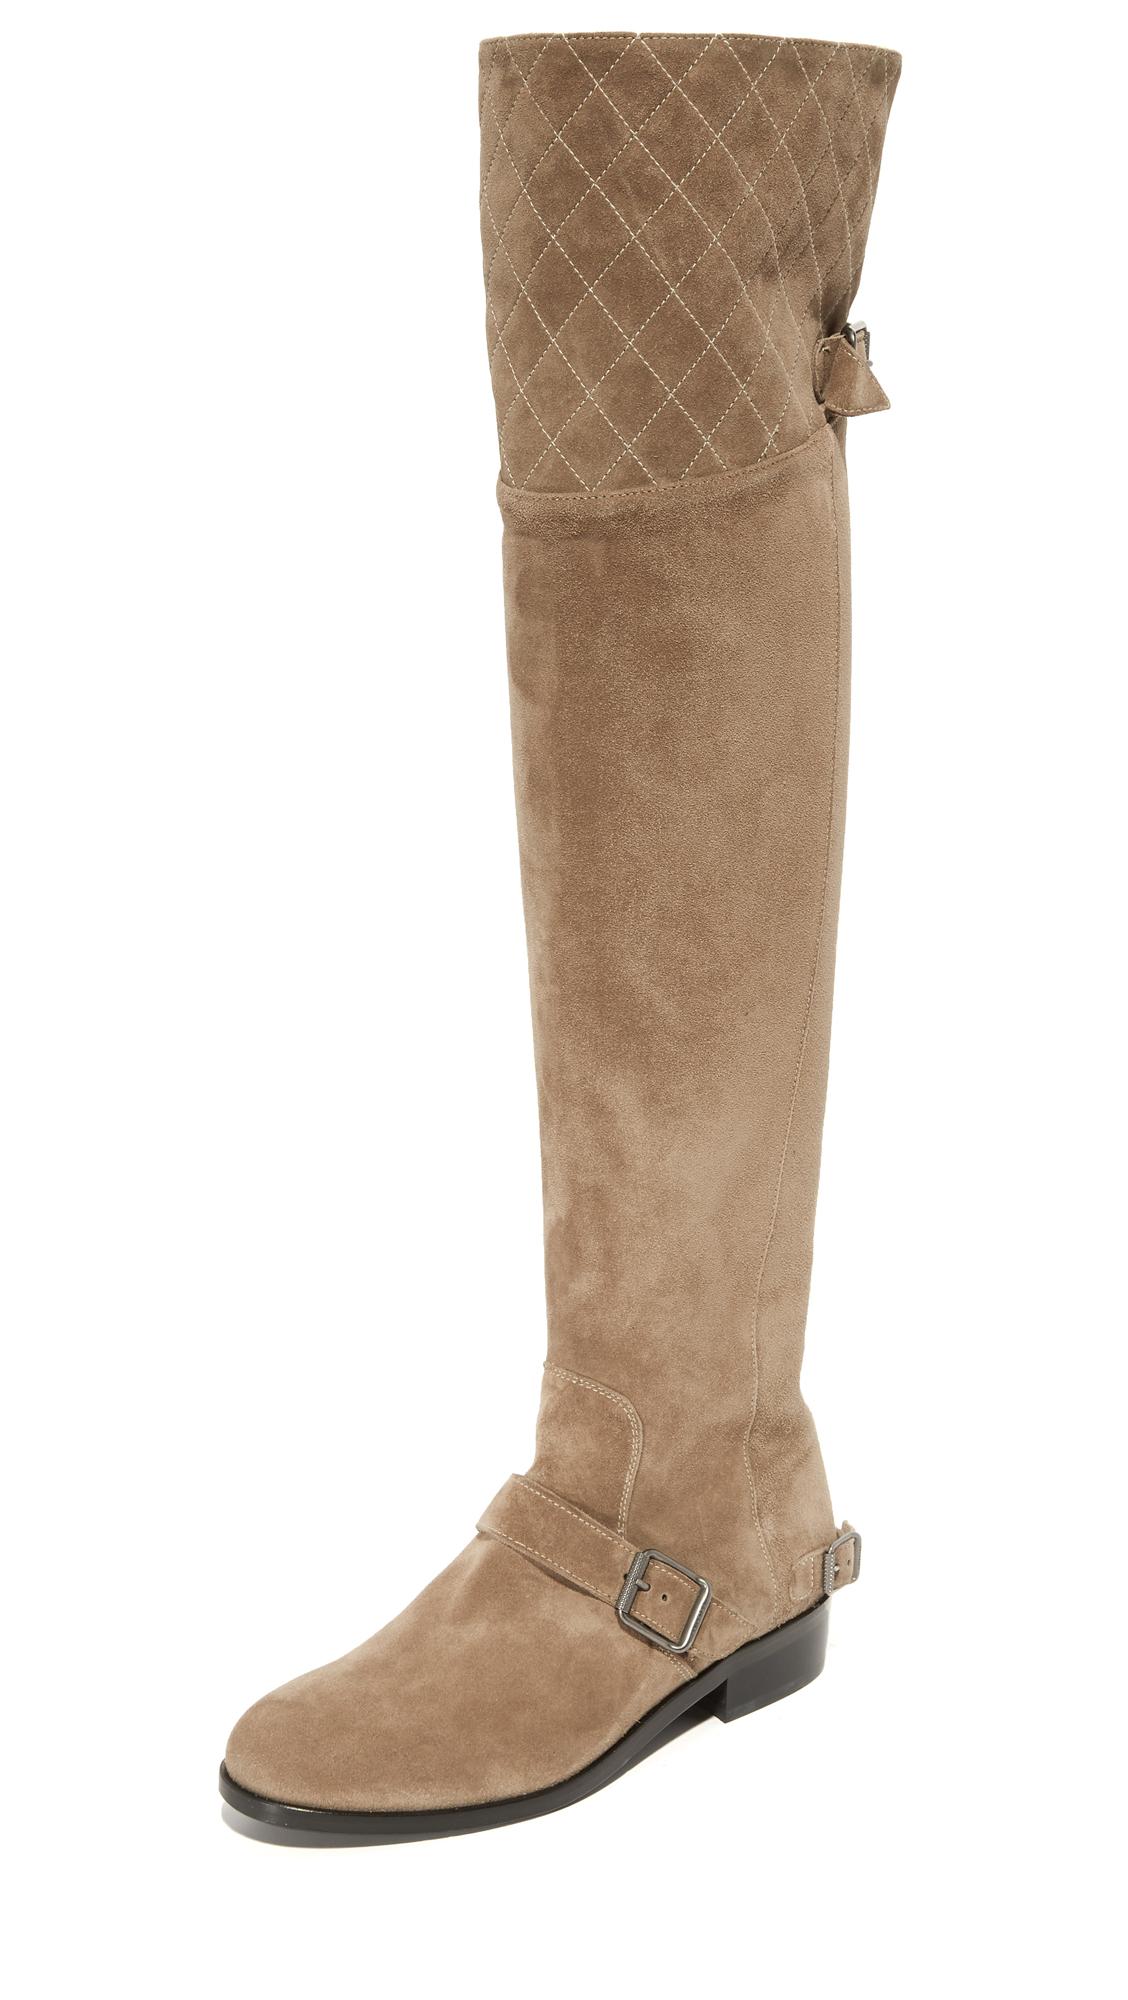 Belstaff Taylour Boots - Flint